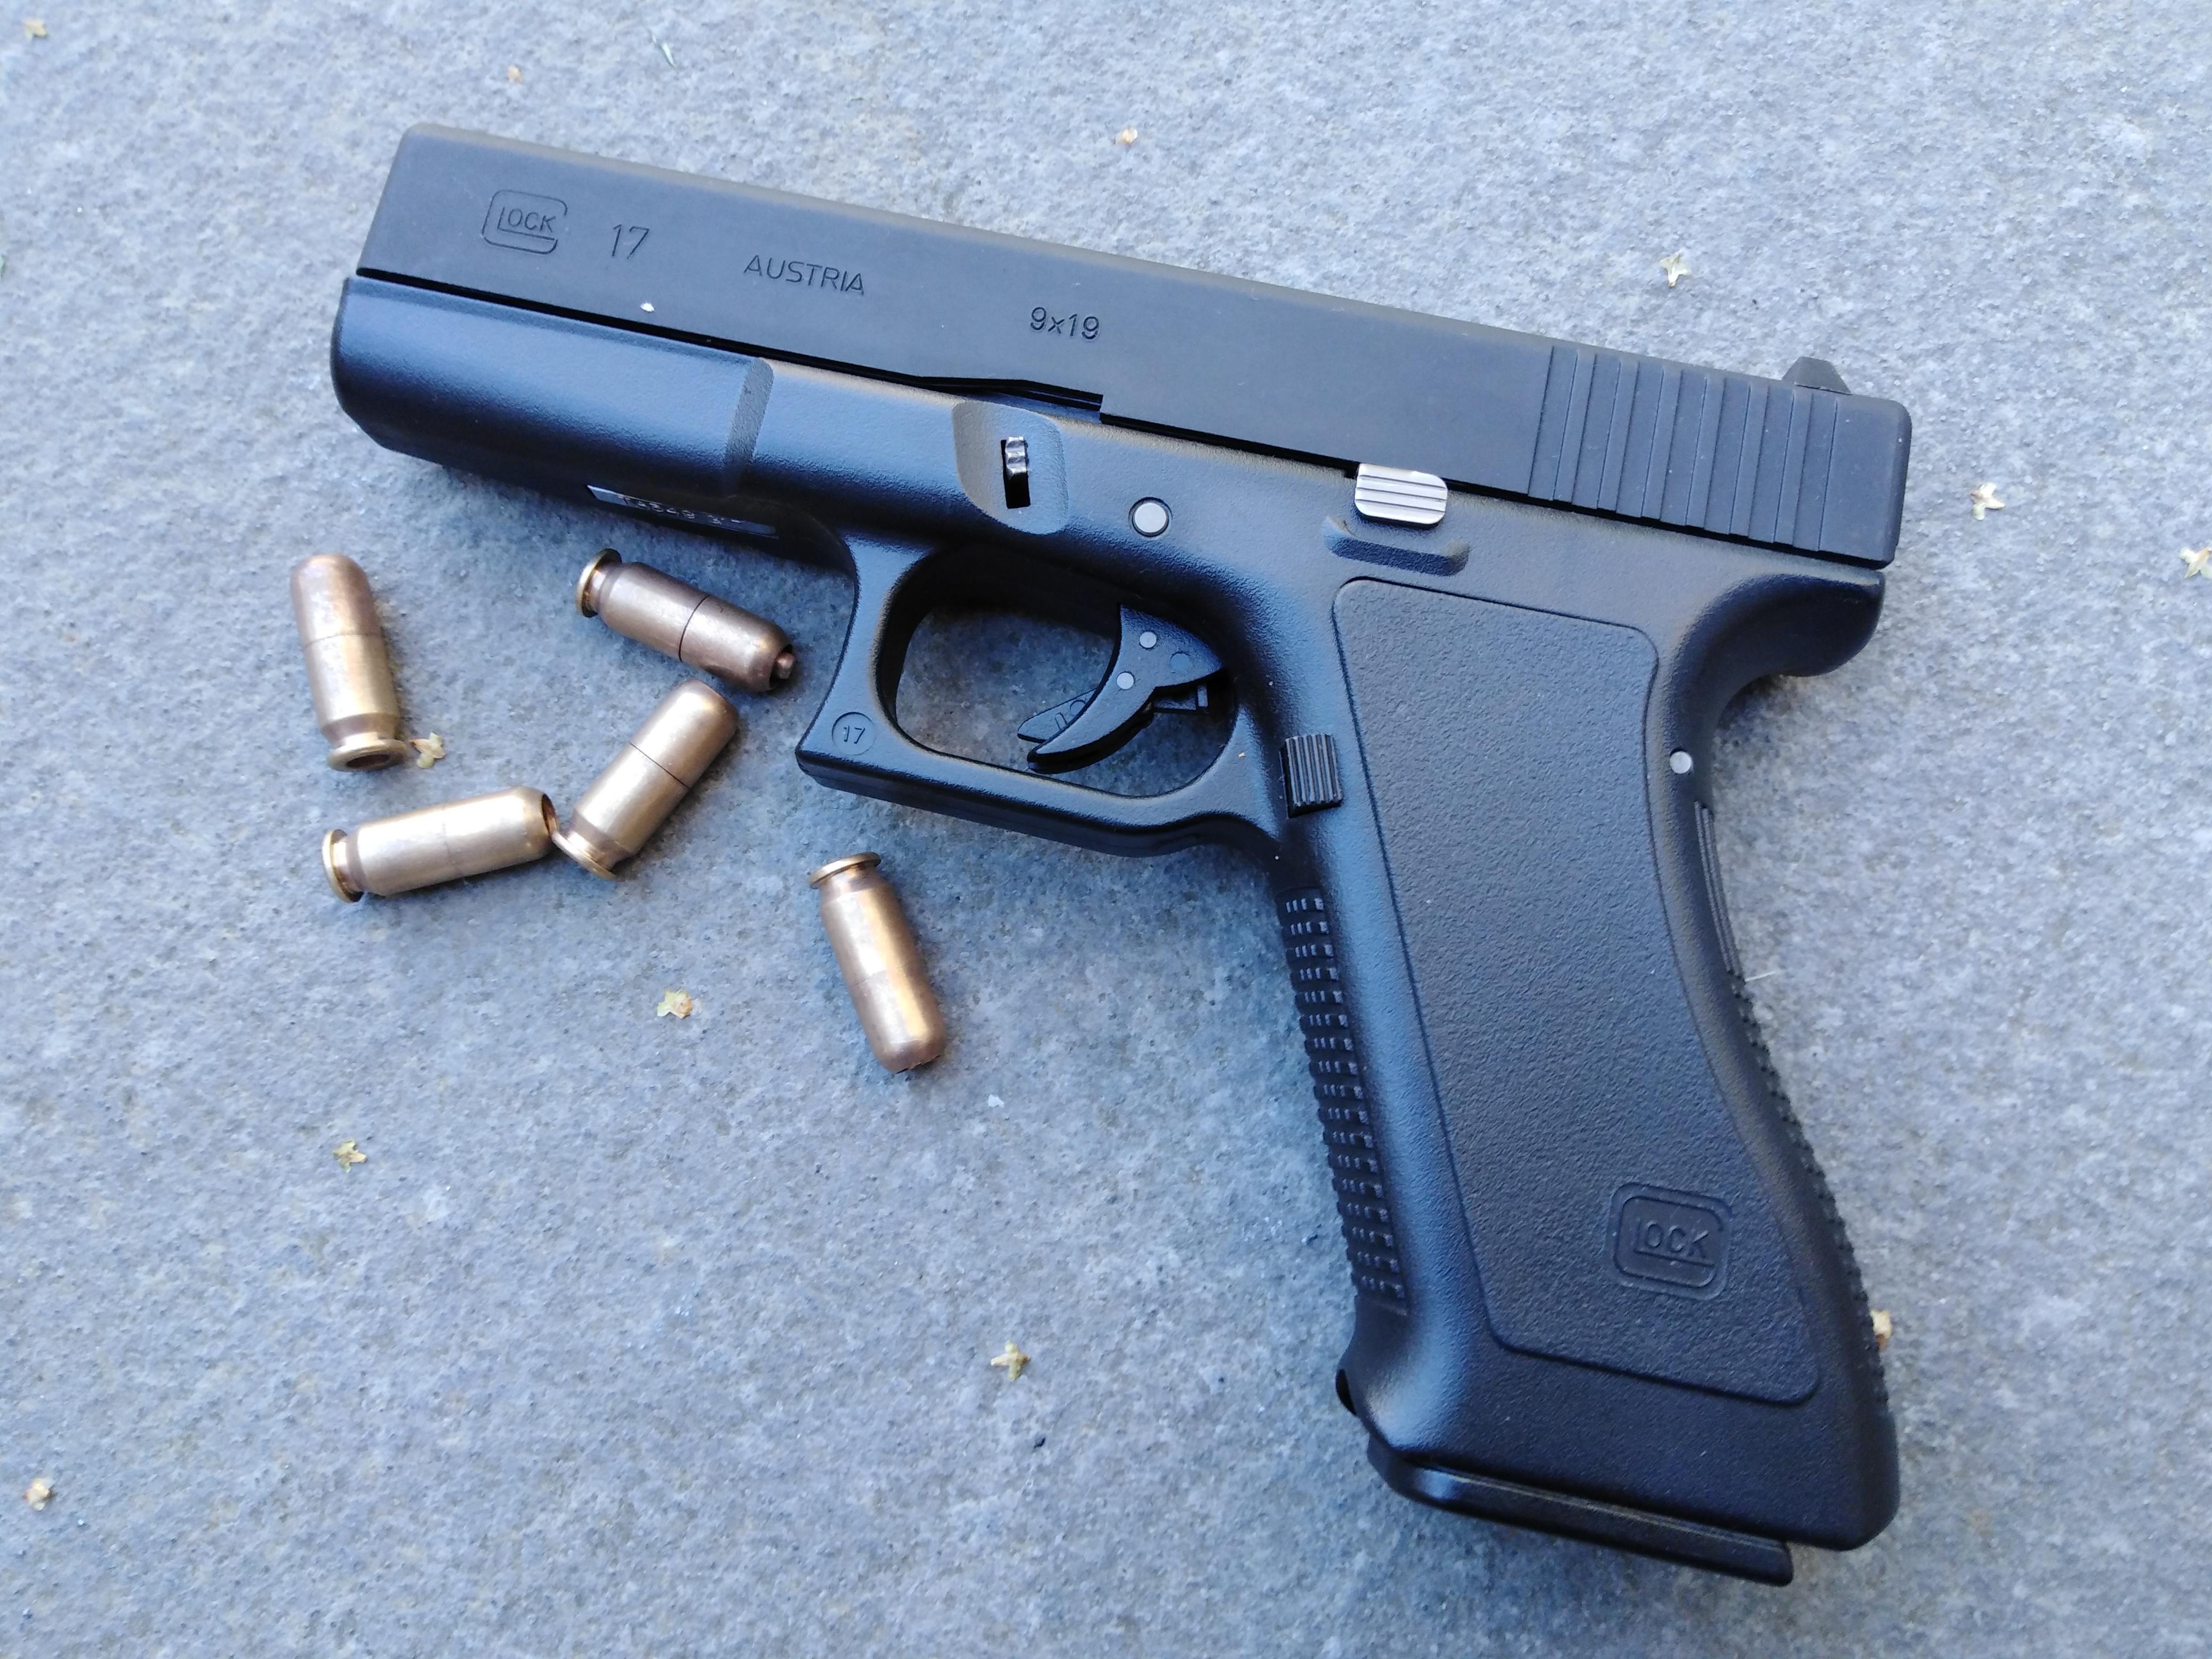 Tanaka Evo Glock 17 Metal Barrel